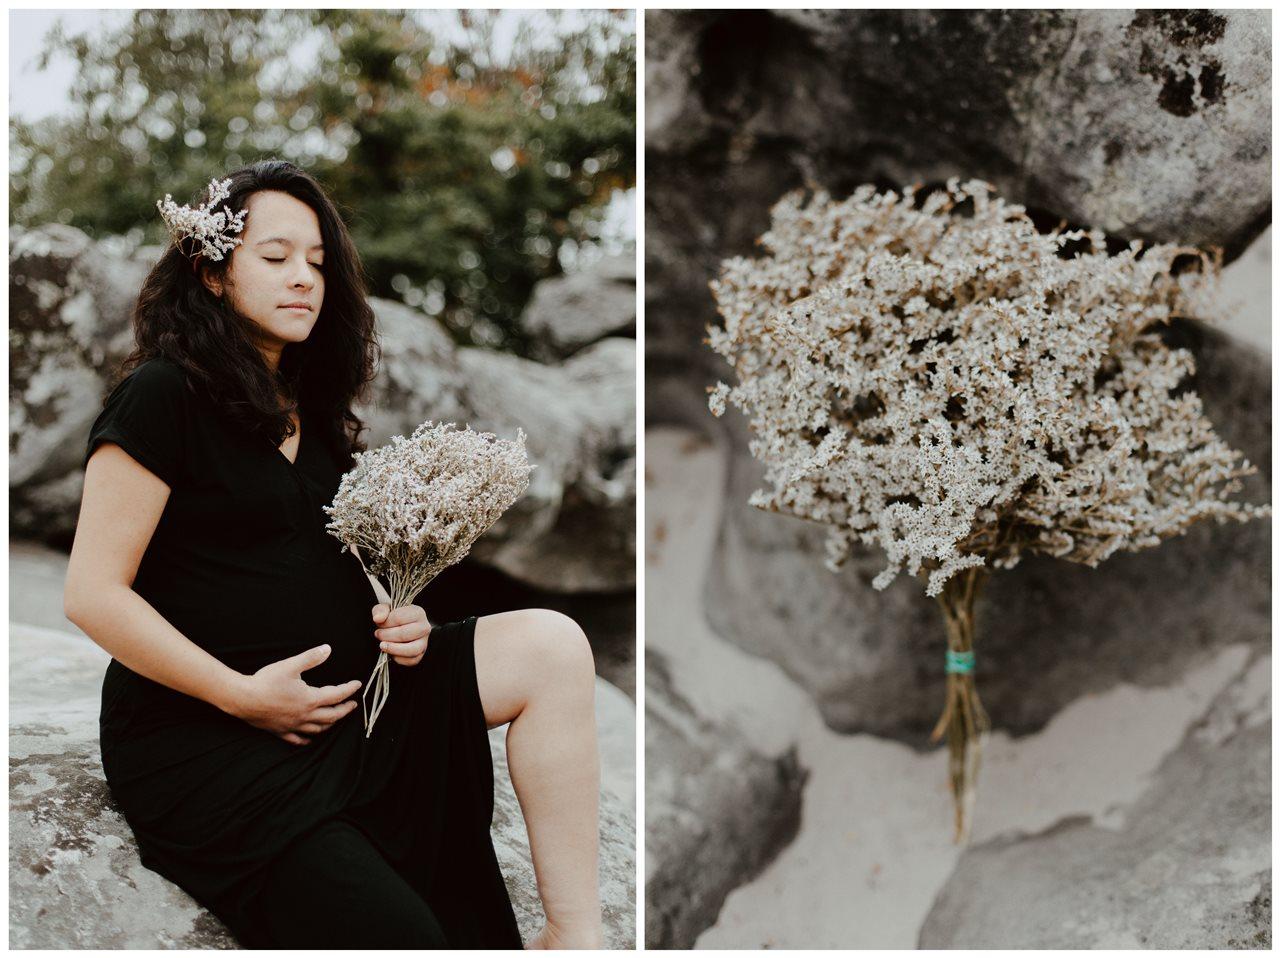 seance-maternité-nature-femme-enceinte-assise-rocher-détail-fleurs